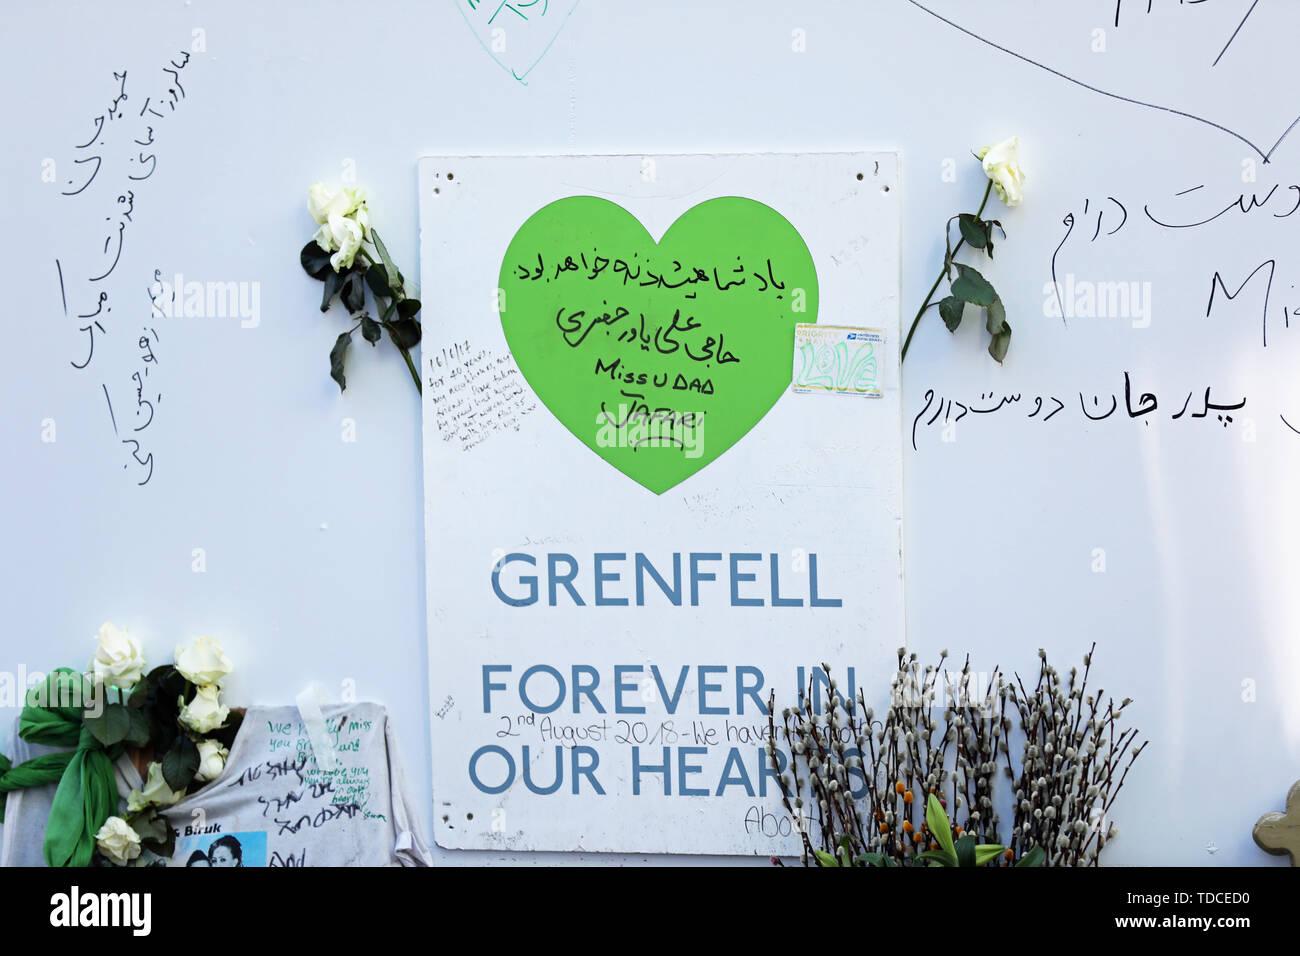 Nachrichten Links auf einer Platine außerhalb Grenfell Tower, London, anlässlich des 2-jährigen Jubiläums des Hochhauses Brand in Erinnerung an die 72 Menschen, die ihr Leben verloren. Stockbild